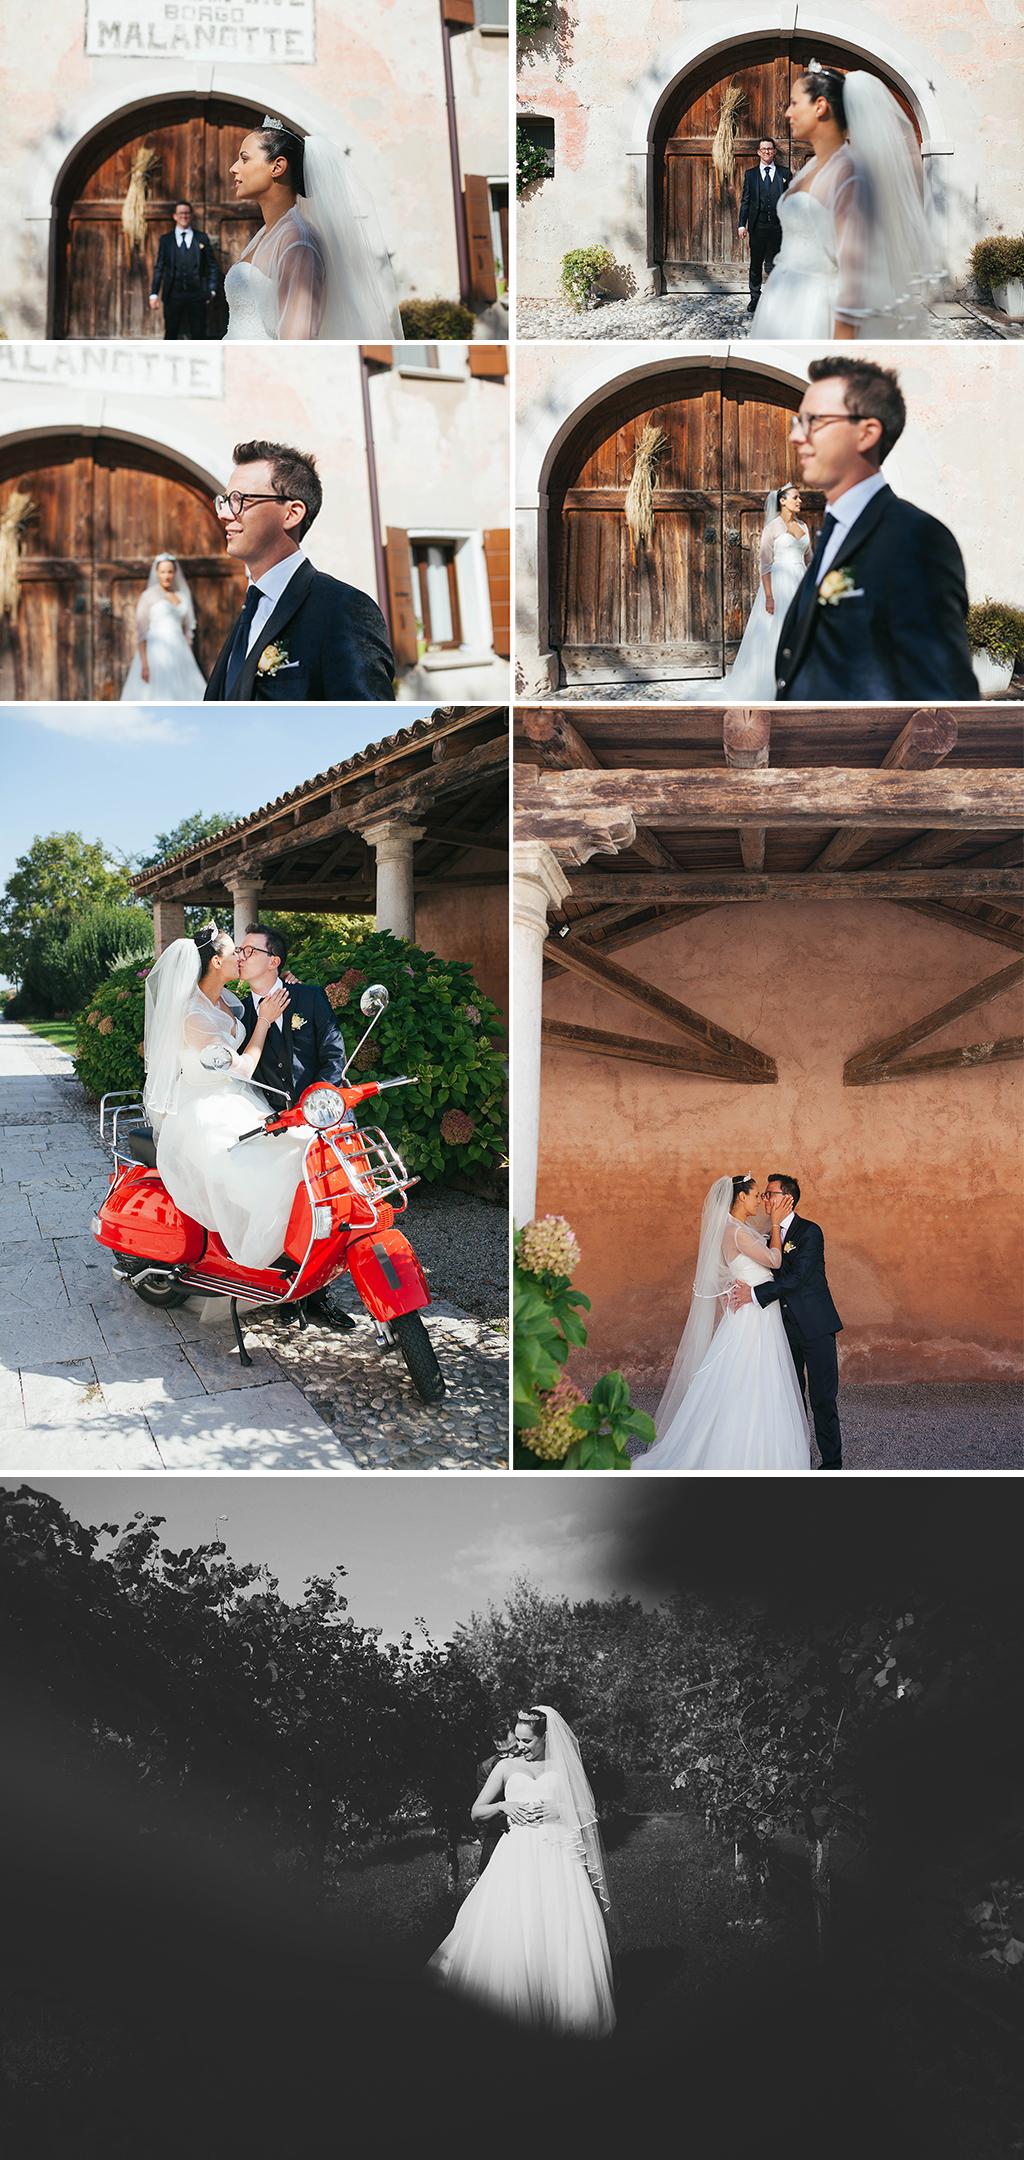 matrimonio marta e mattia a villa dirce e borgomalanotte conegliano treviso veneto fotografa matrimoni Deborah Brugnera